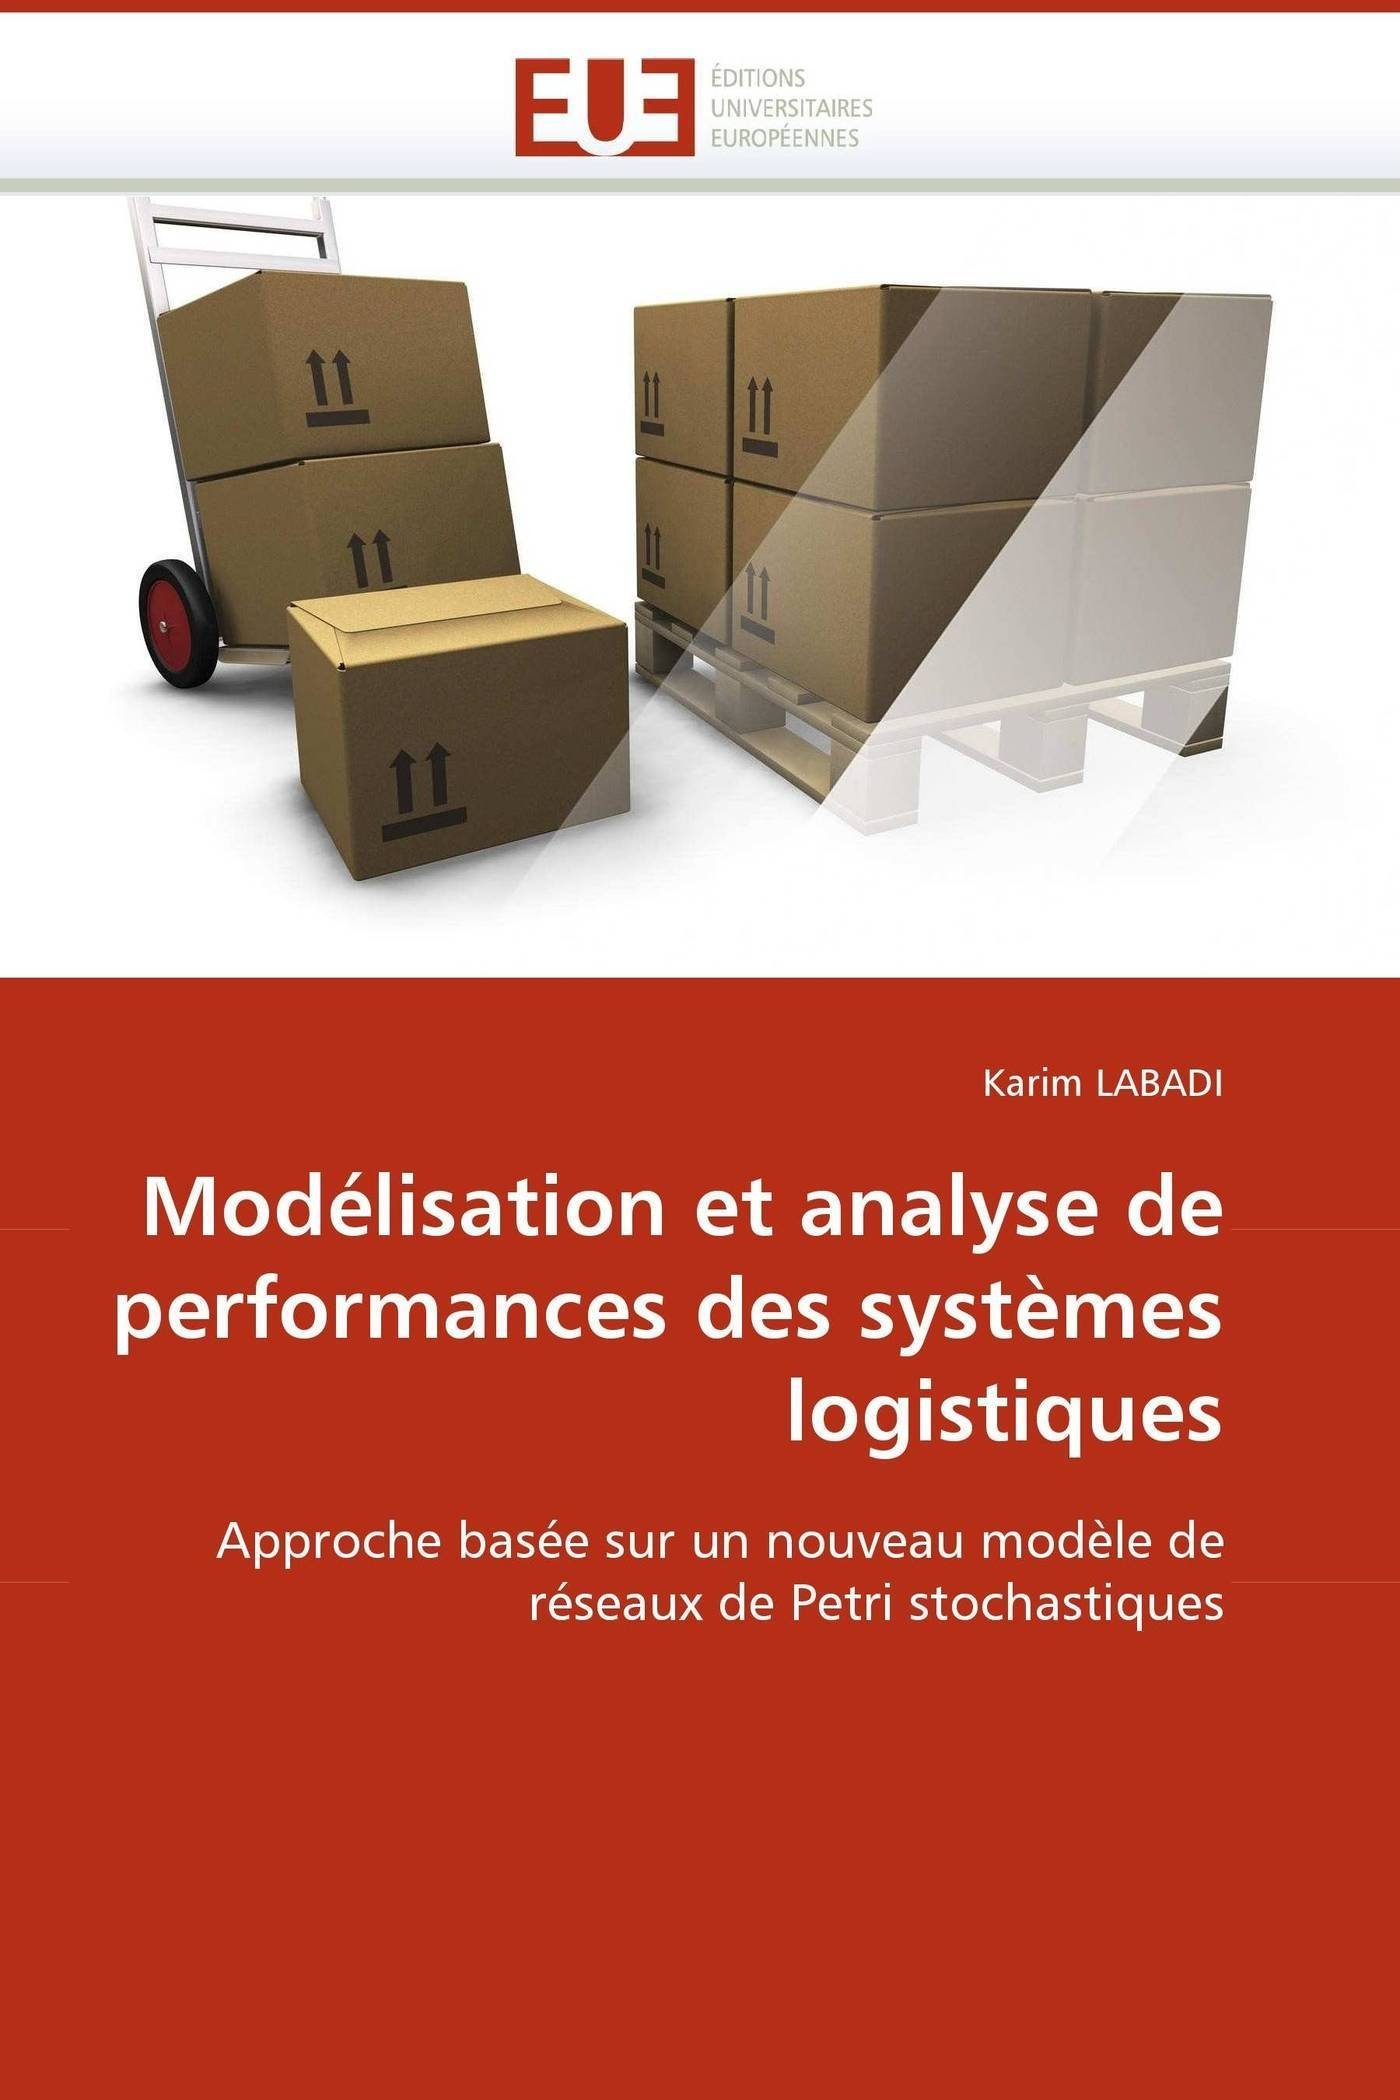 Modélisation et analyse de performances des systèmes logistiques Broché – 6 juillet 2010 Karim LABADI Univ Européenne 6131510121 Essais littéraires